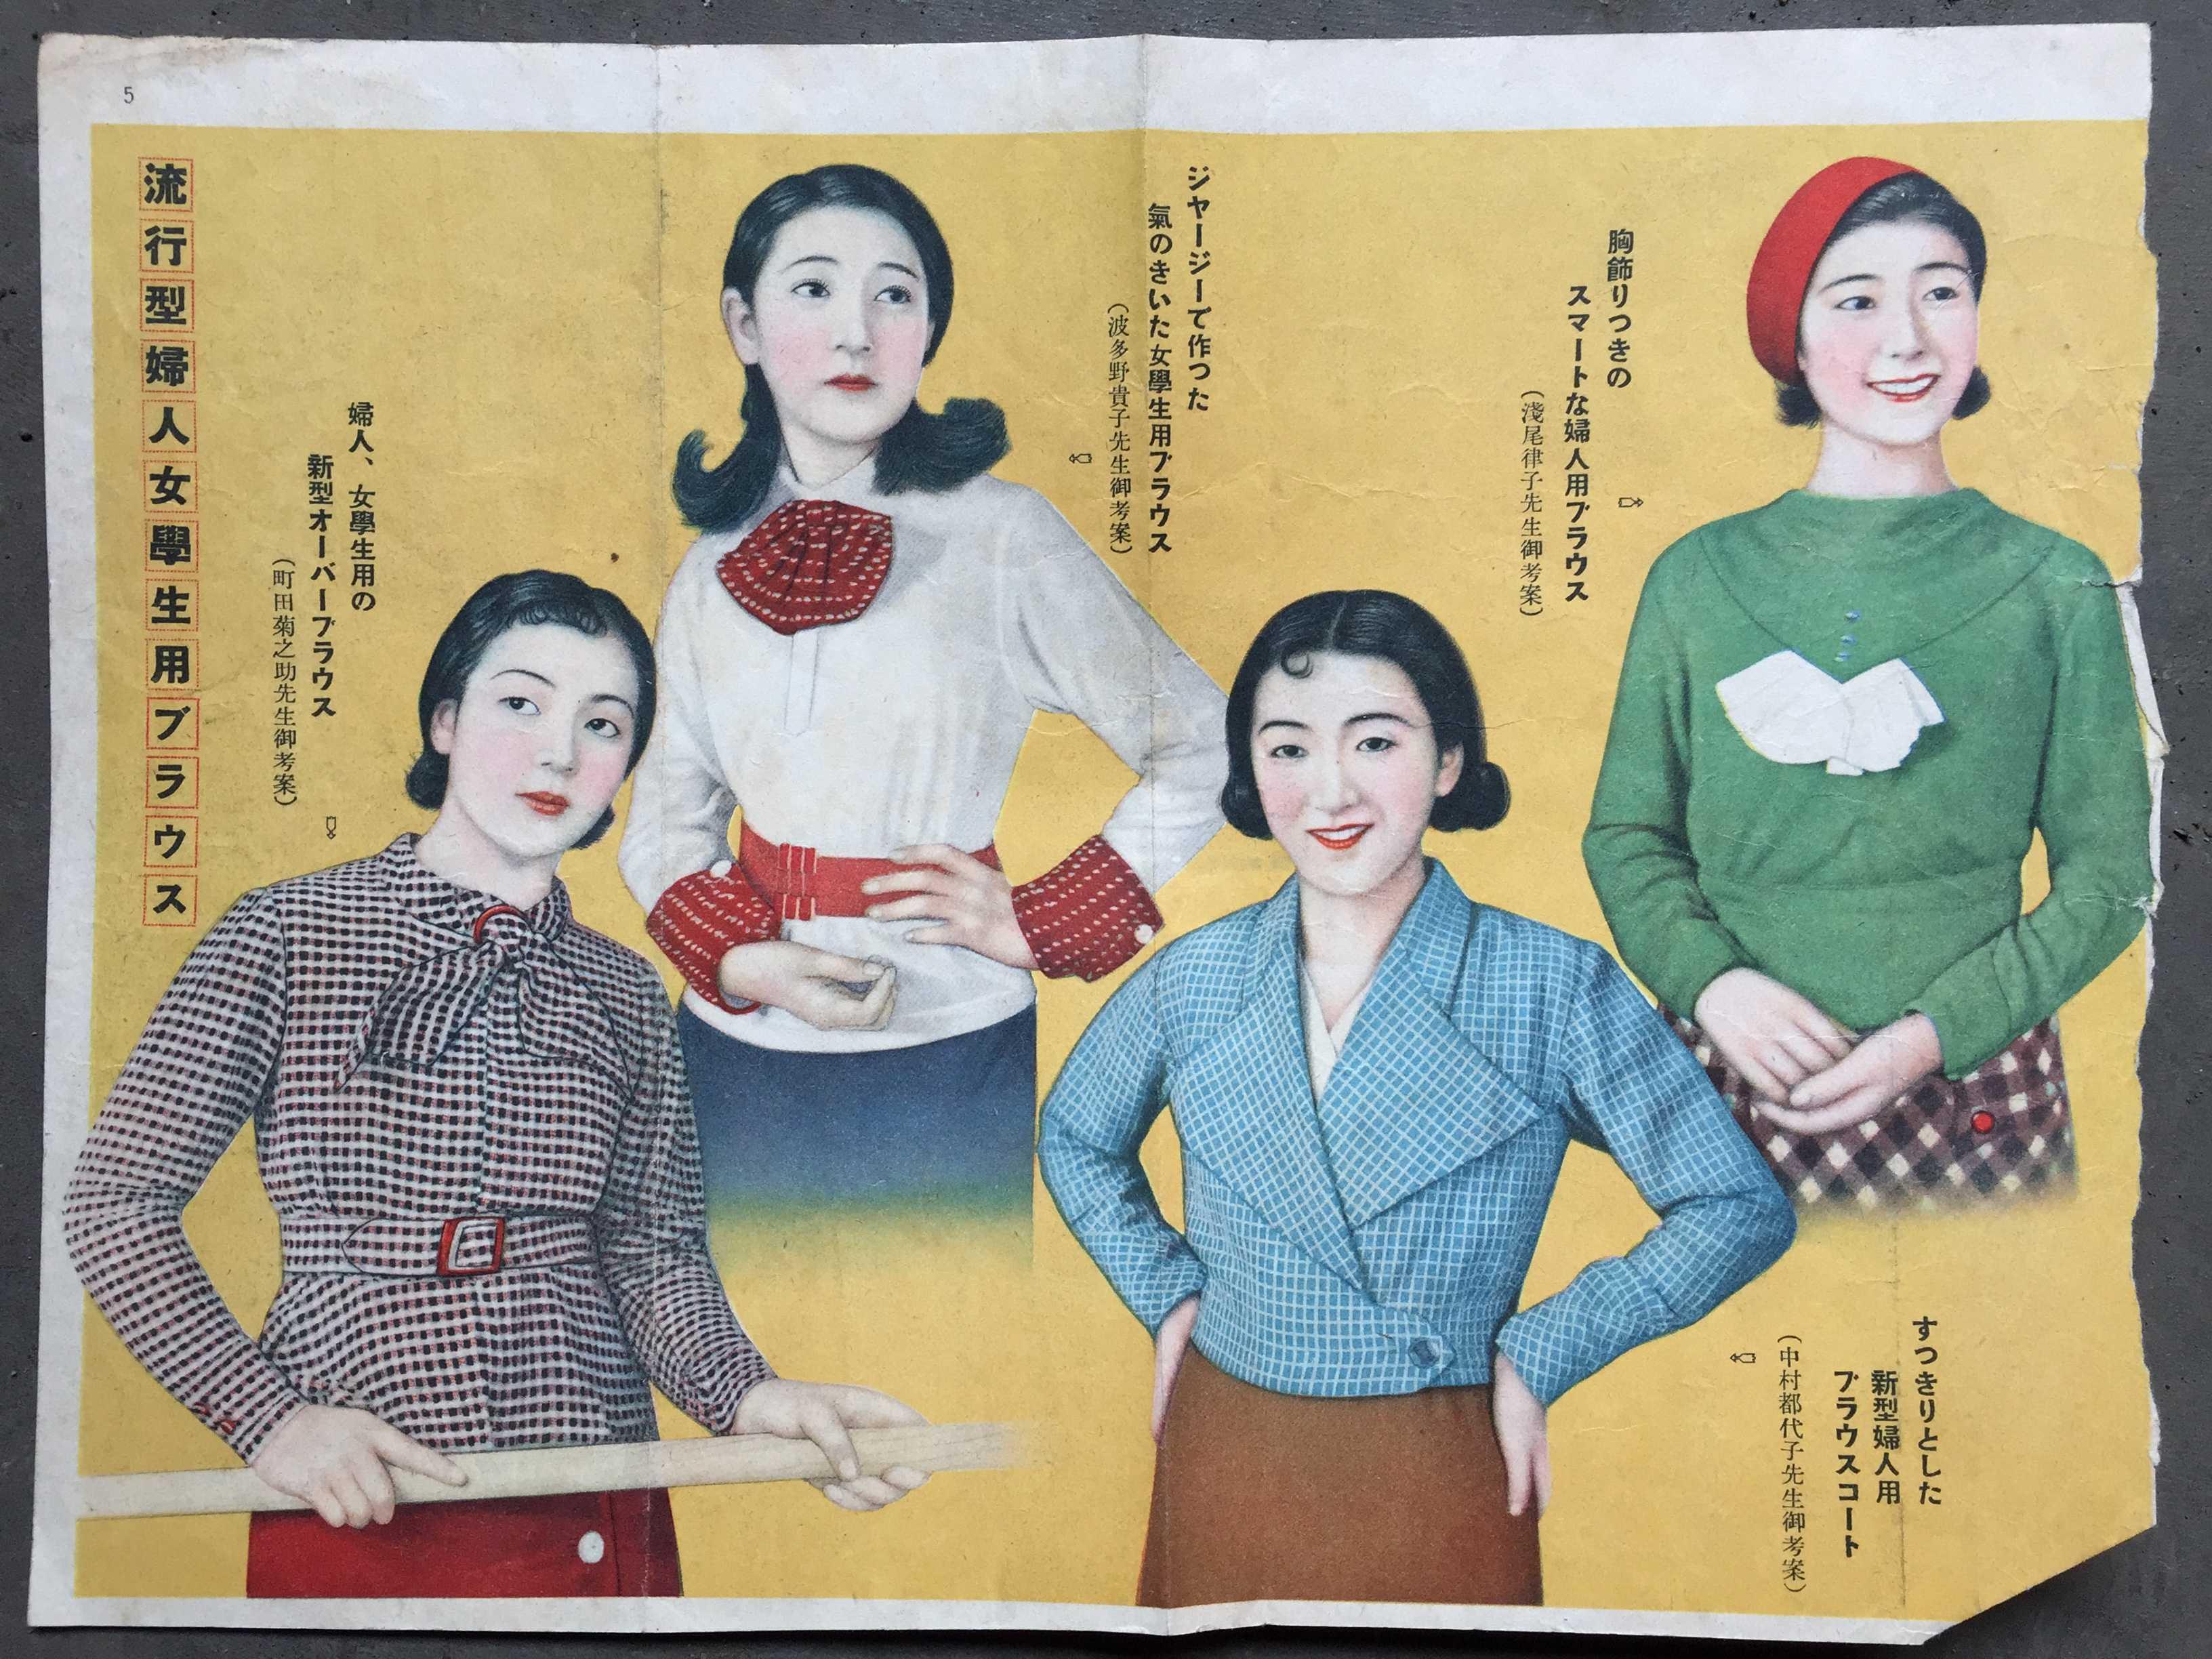 キレイな女性・可愛い女性が勢揃いの昭和初期!昭和8年/1933年 6